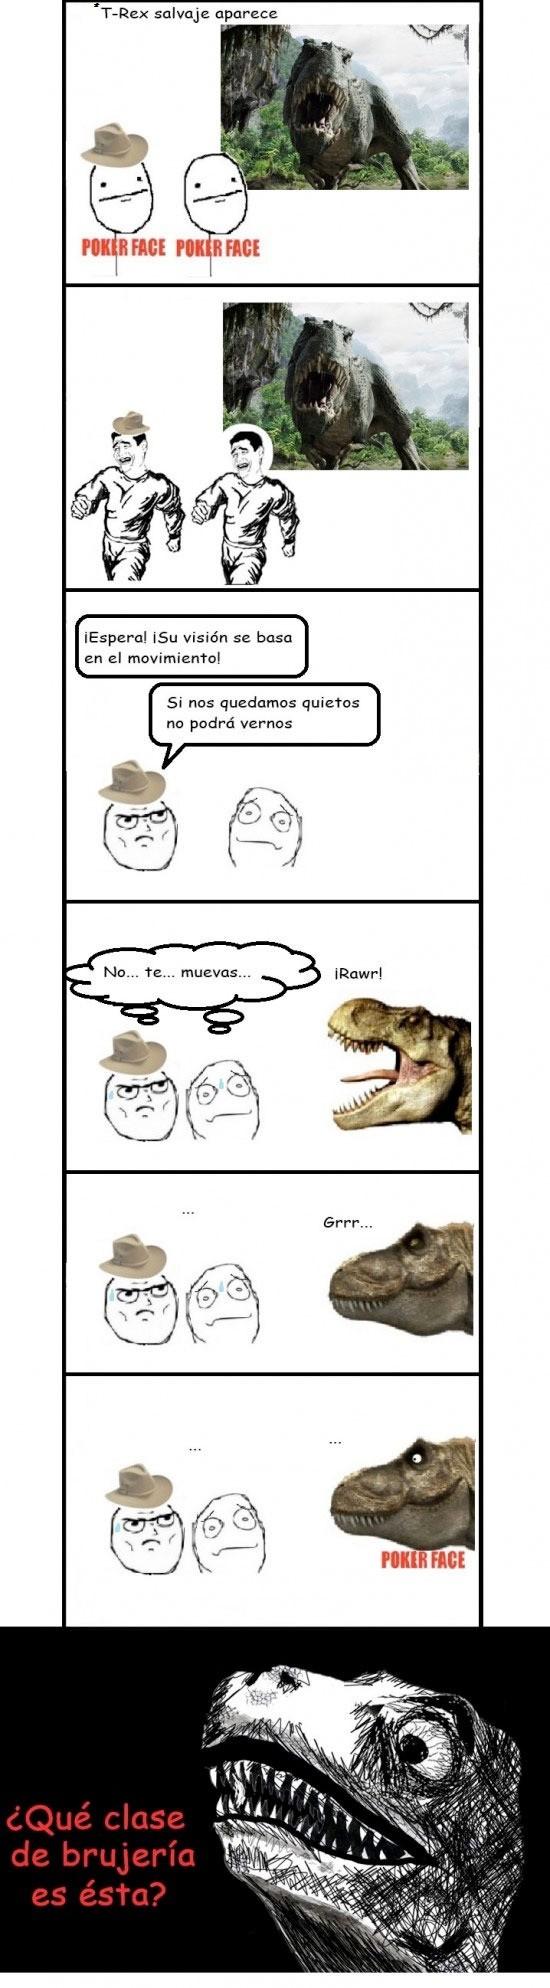 Inglip - T-Rex y su punto débil